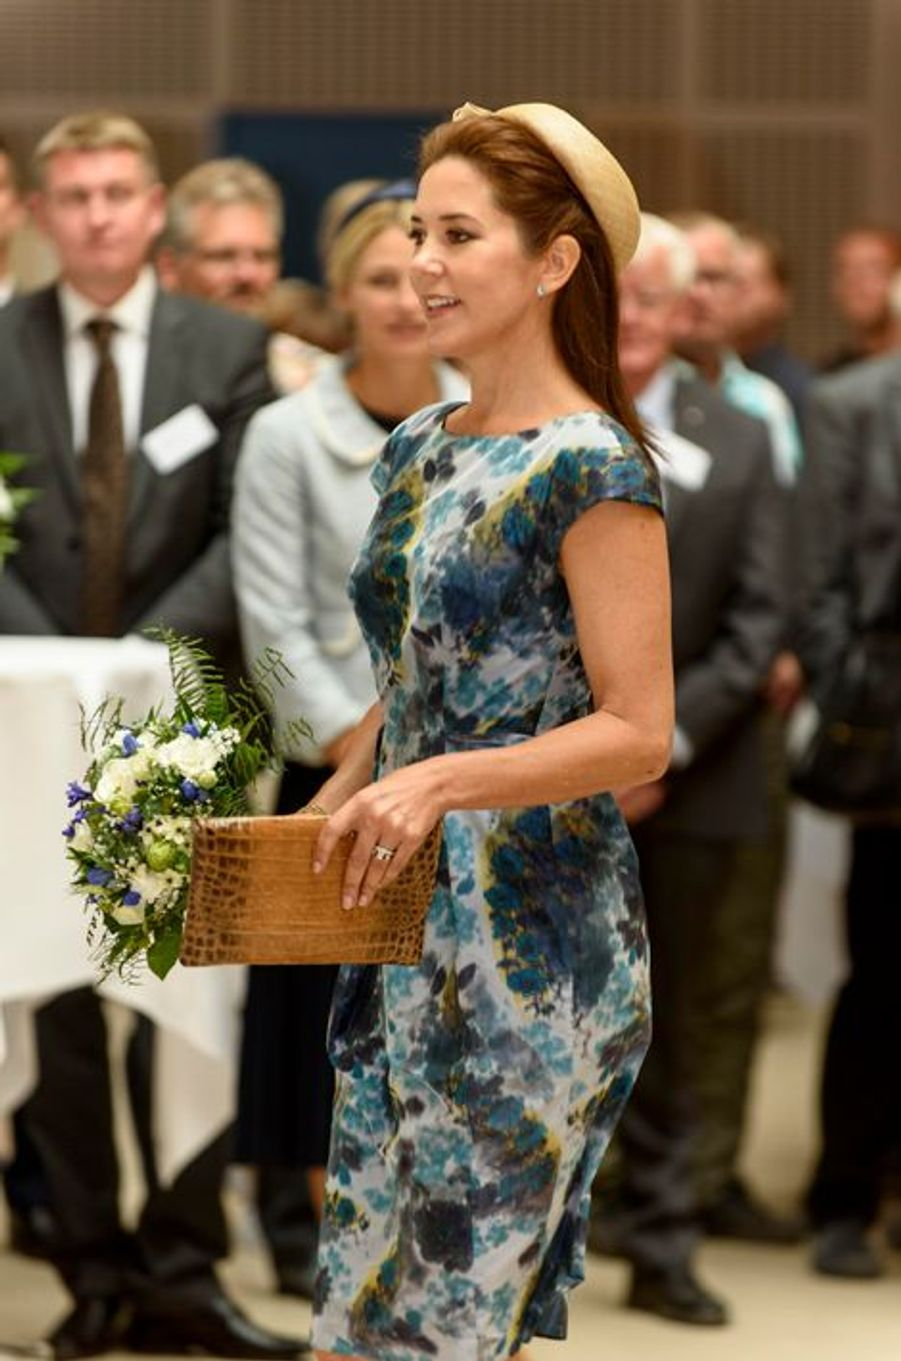 La princesse Mary inaugure un hôpital psychiatrique à Slagelse, le 24 août 2015